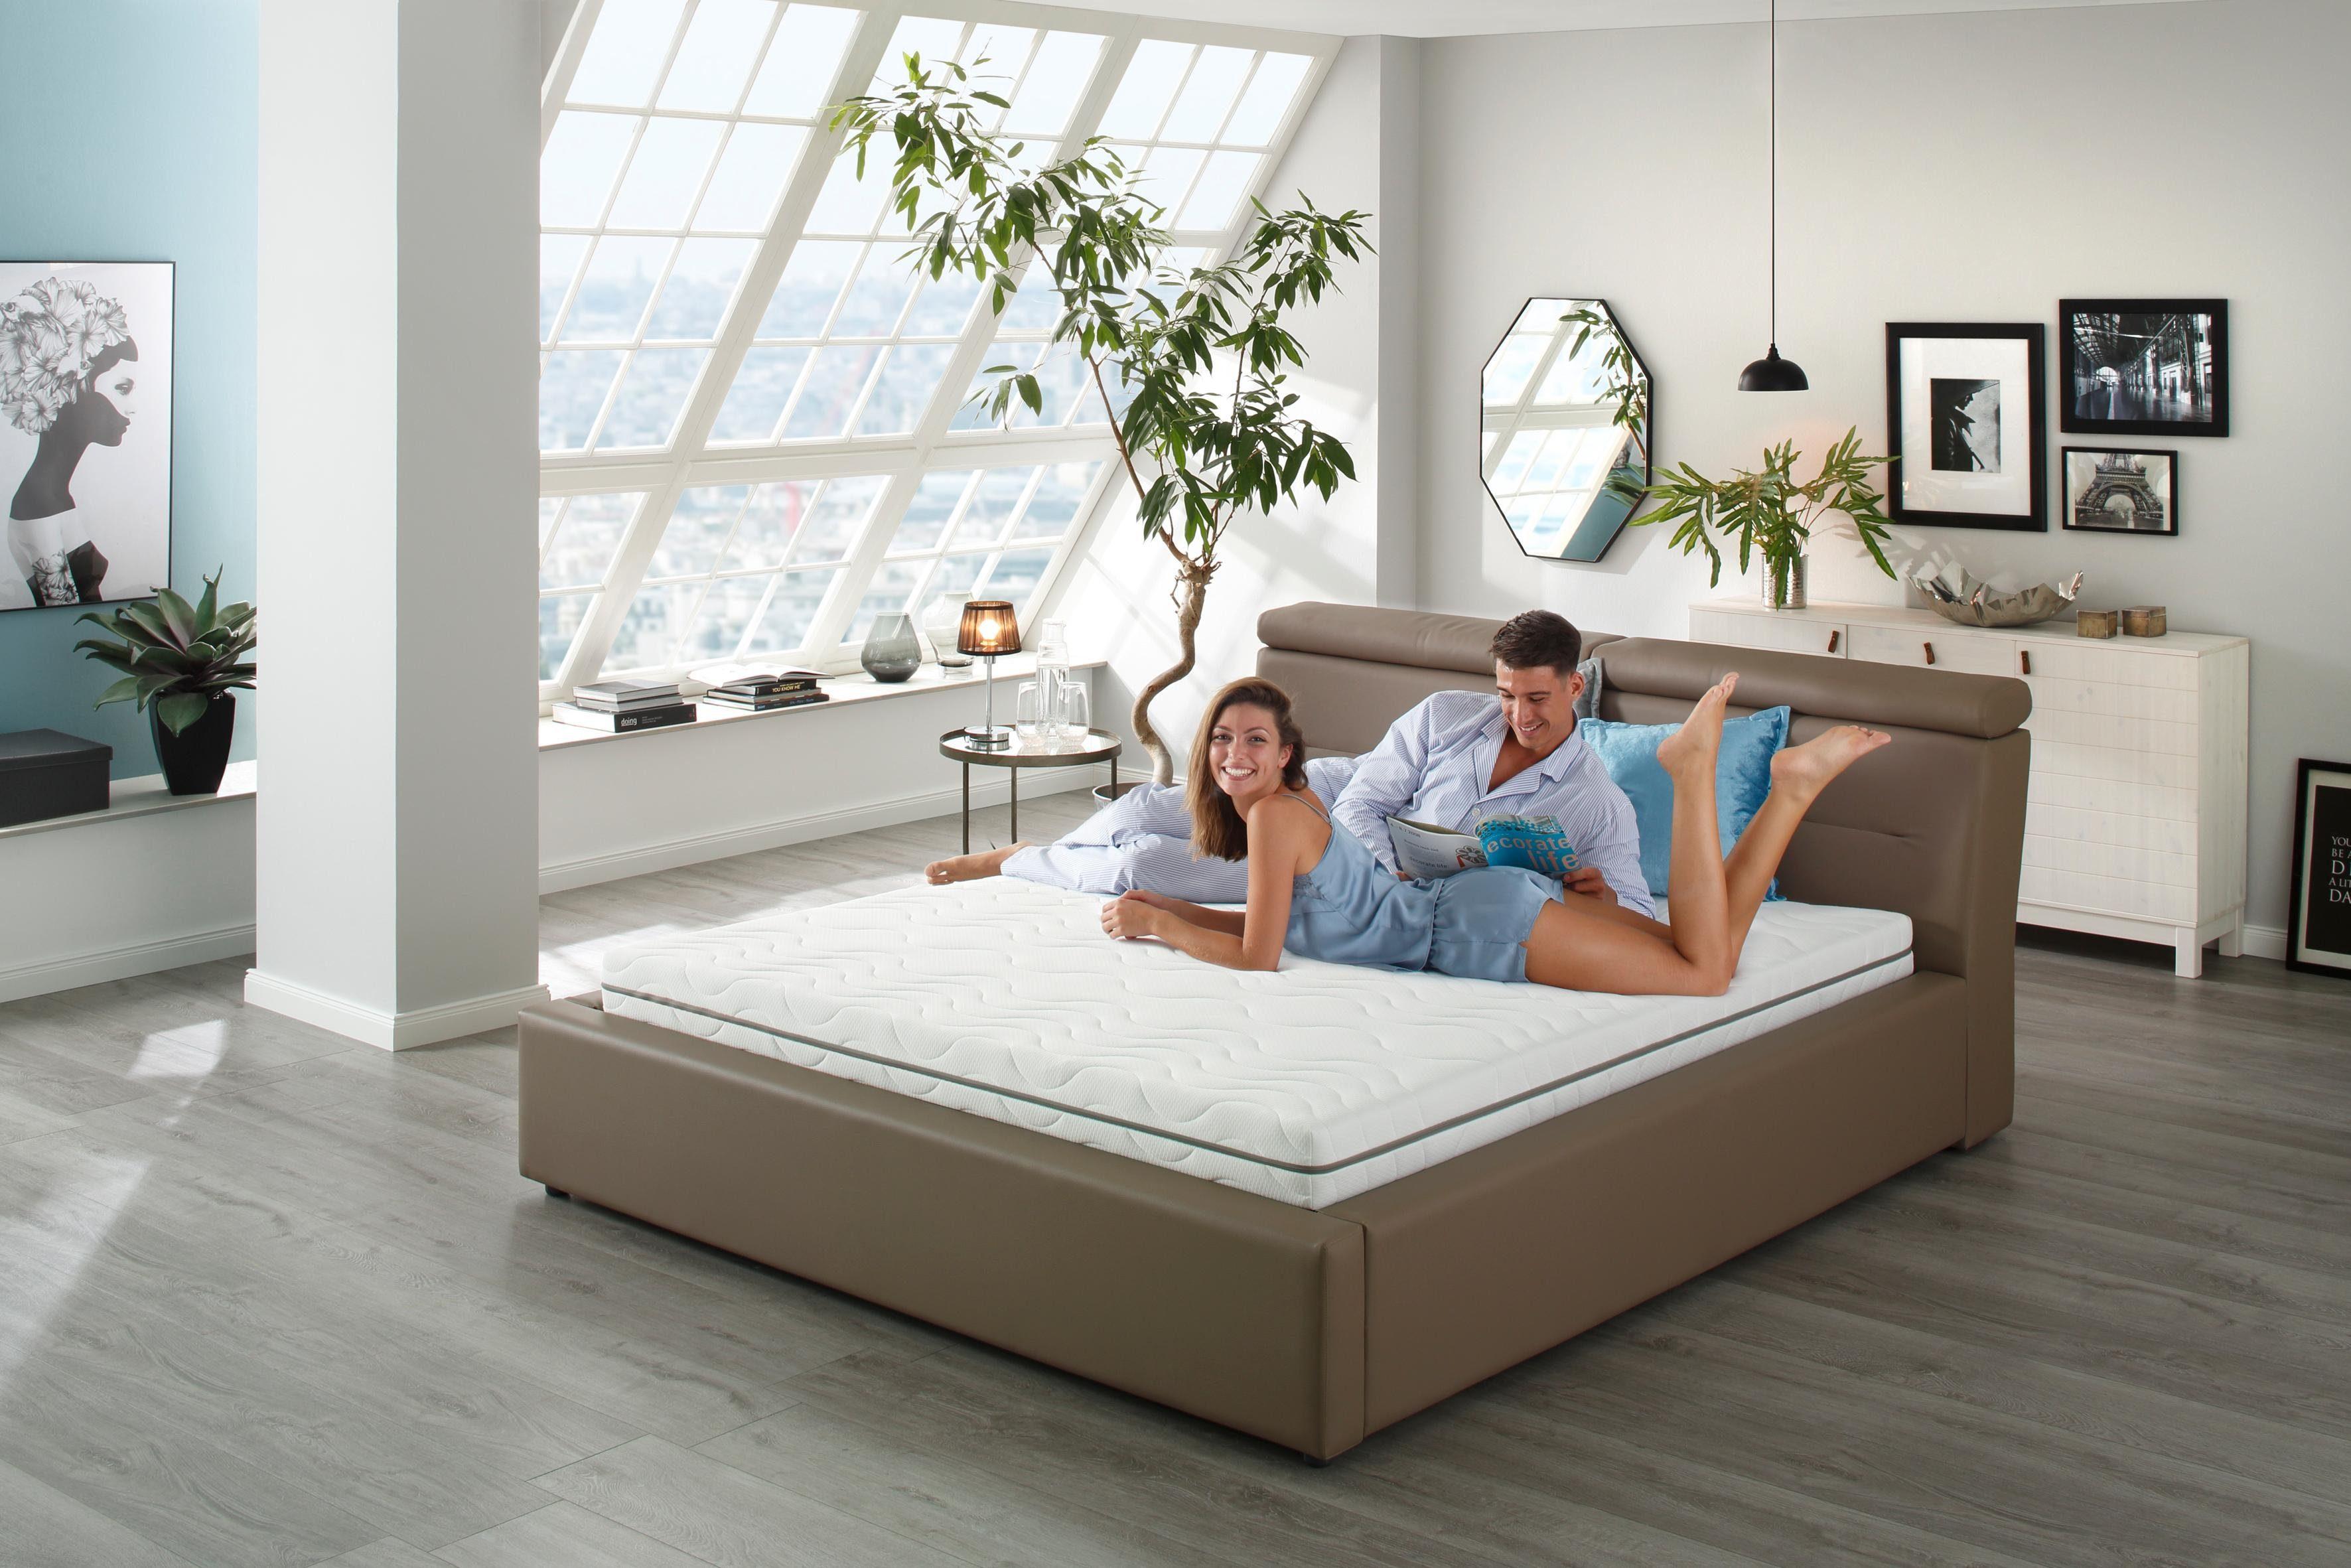 Komfortschaummatratze Nightstyle Beco 14 cm hoch